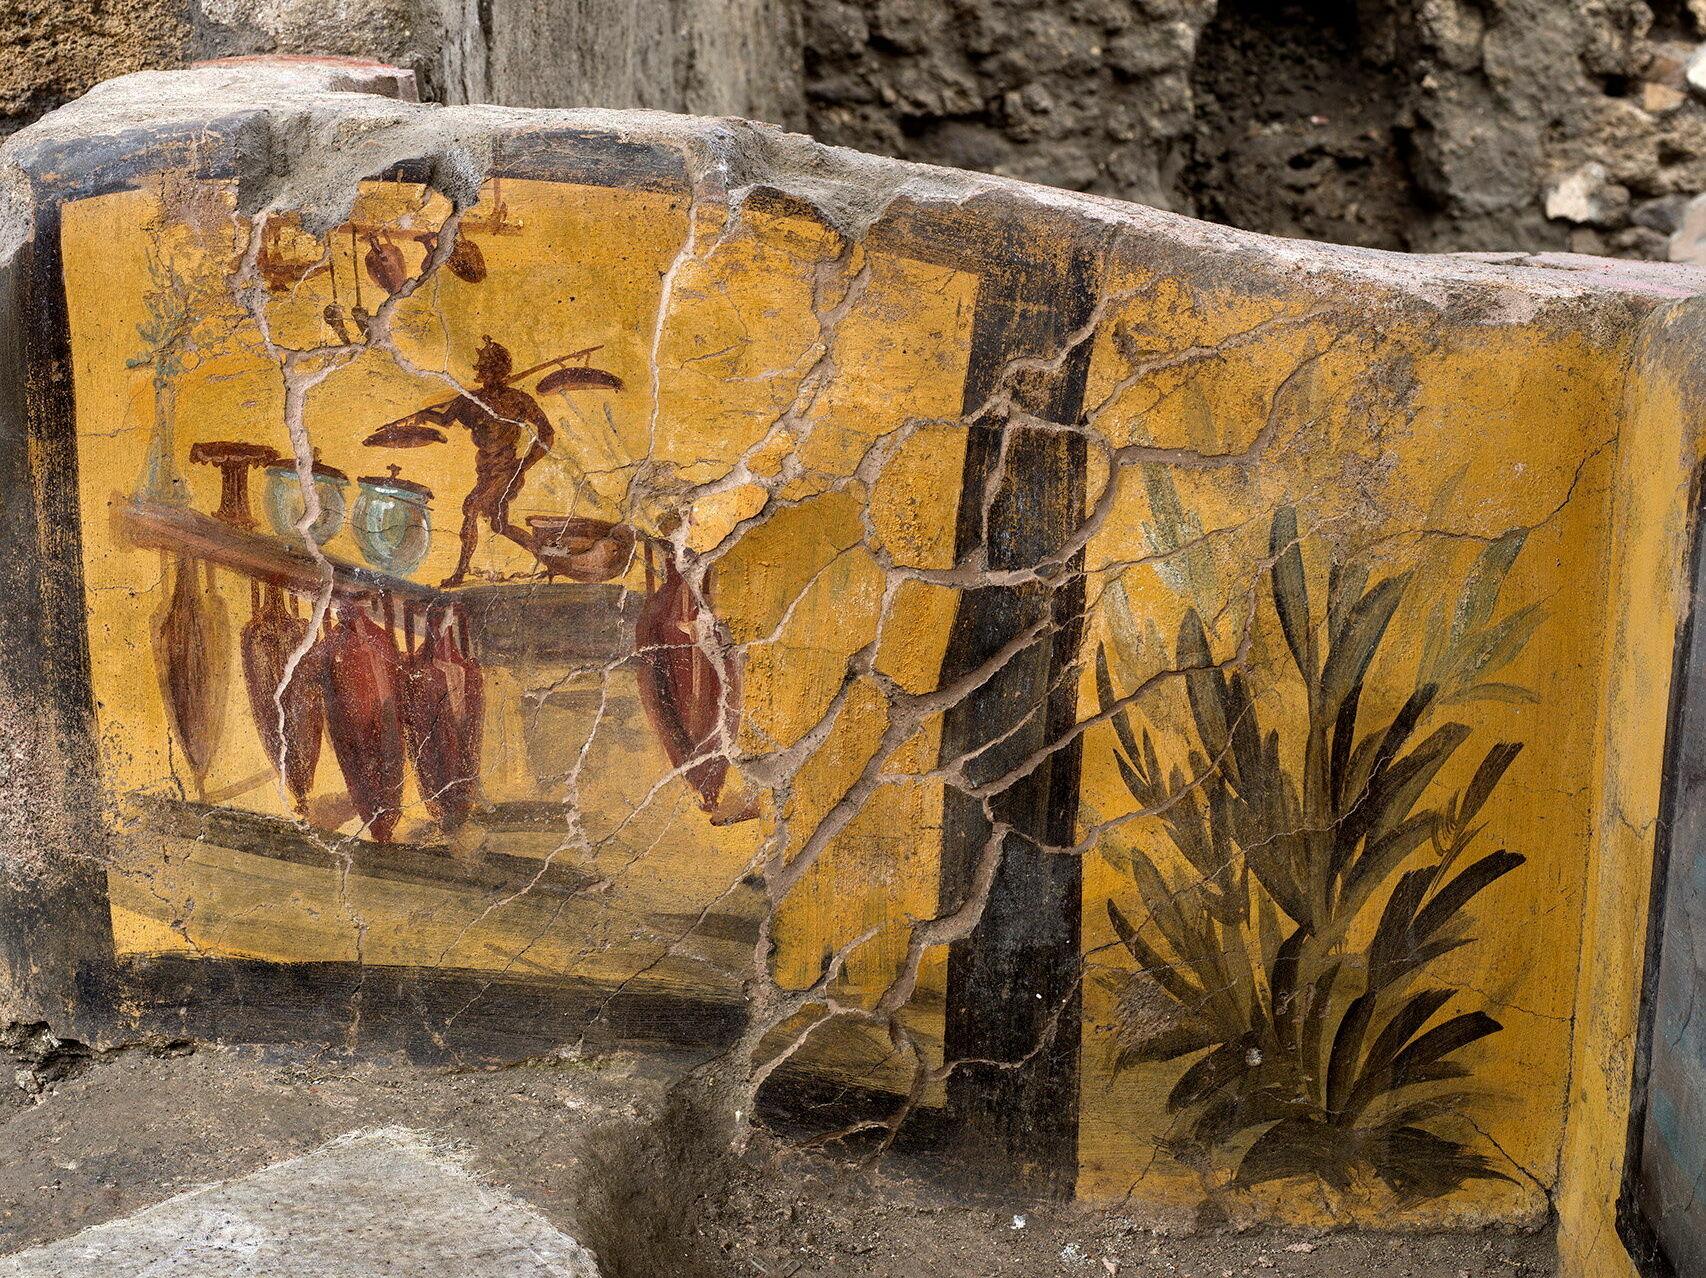 Fresklerle süslü tezgahta bulunan yemek kalıntıları, Pompeii'nin sıradan gündelik menüsünde çok çeşitli hayvansal ürünlerin yer aldığını gösteriyor.